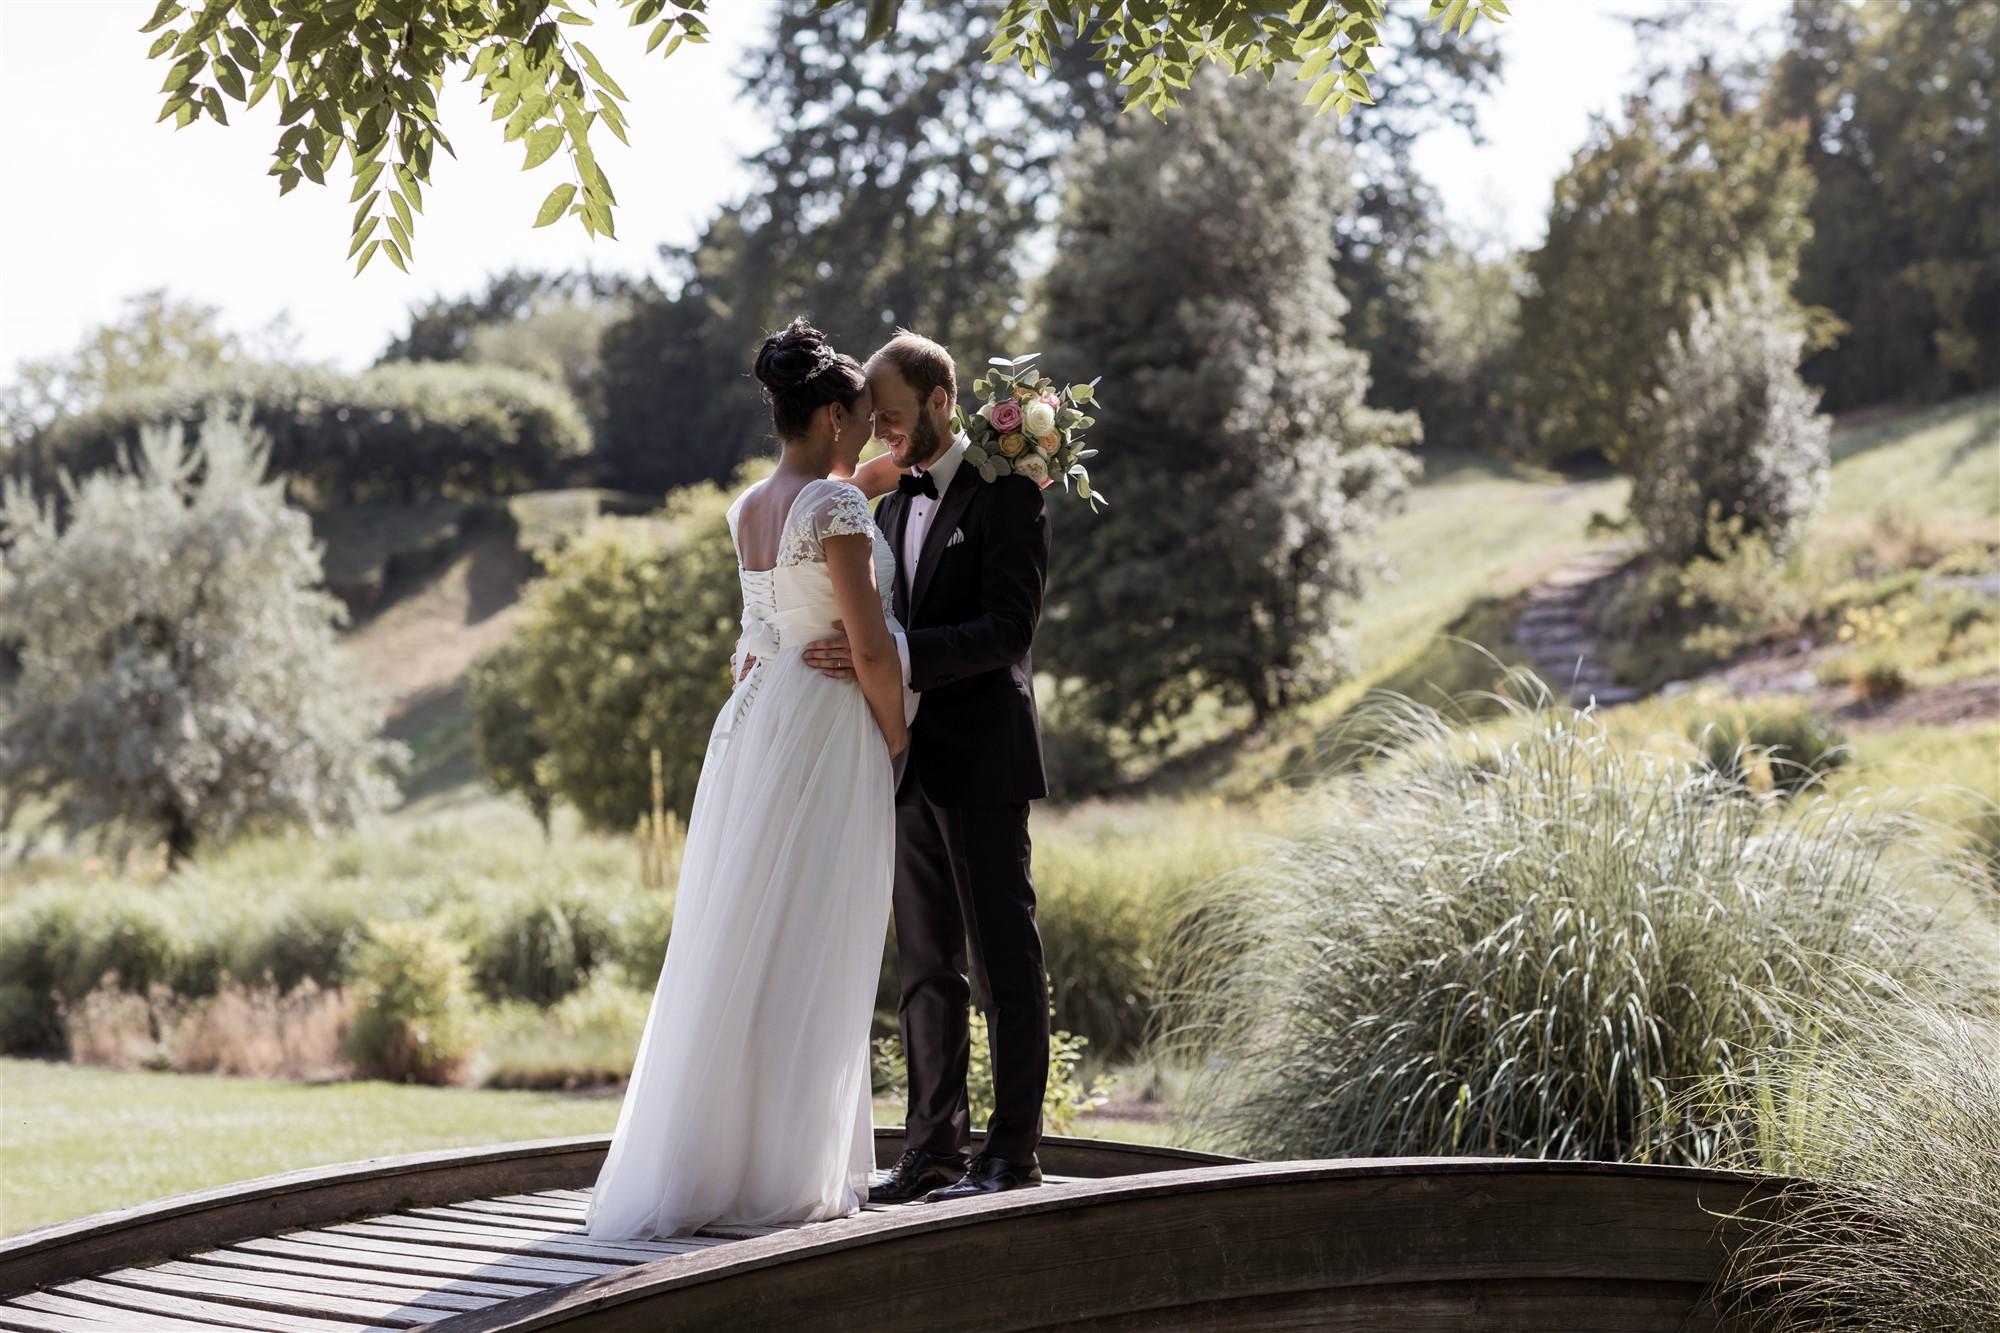 Brautpaarfotoshooting vor der Villa Merian in den Merian Gärten